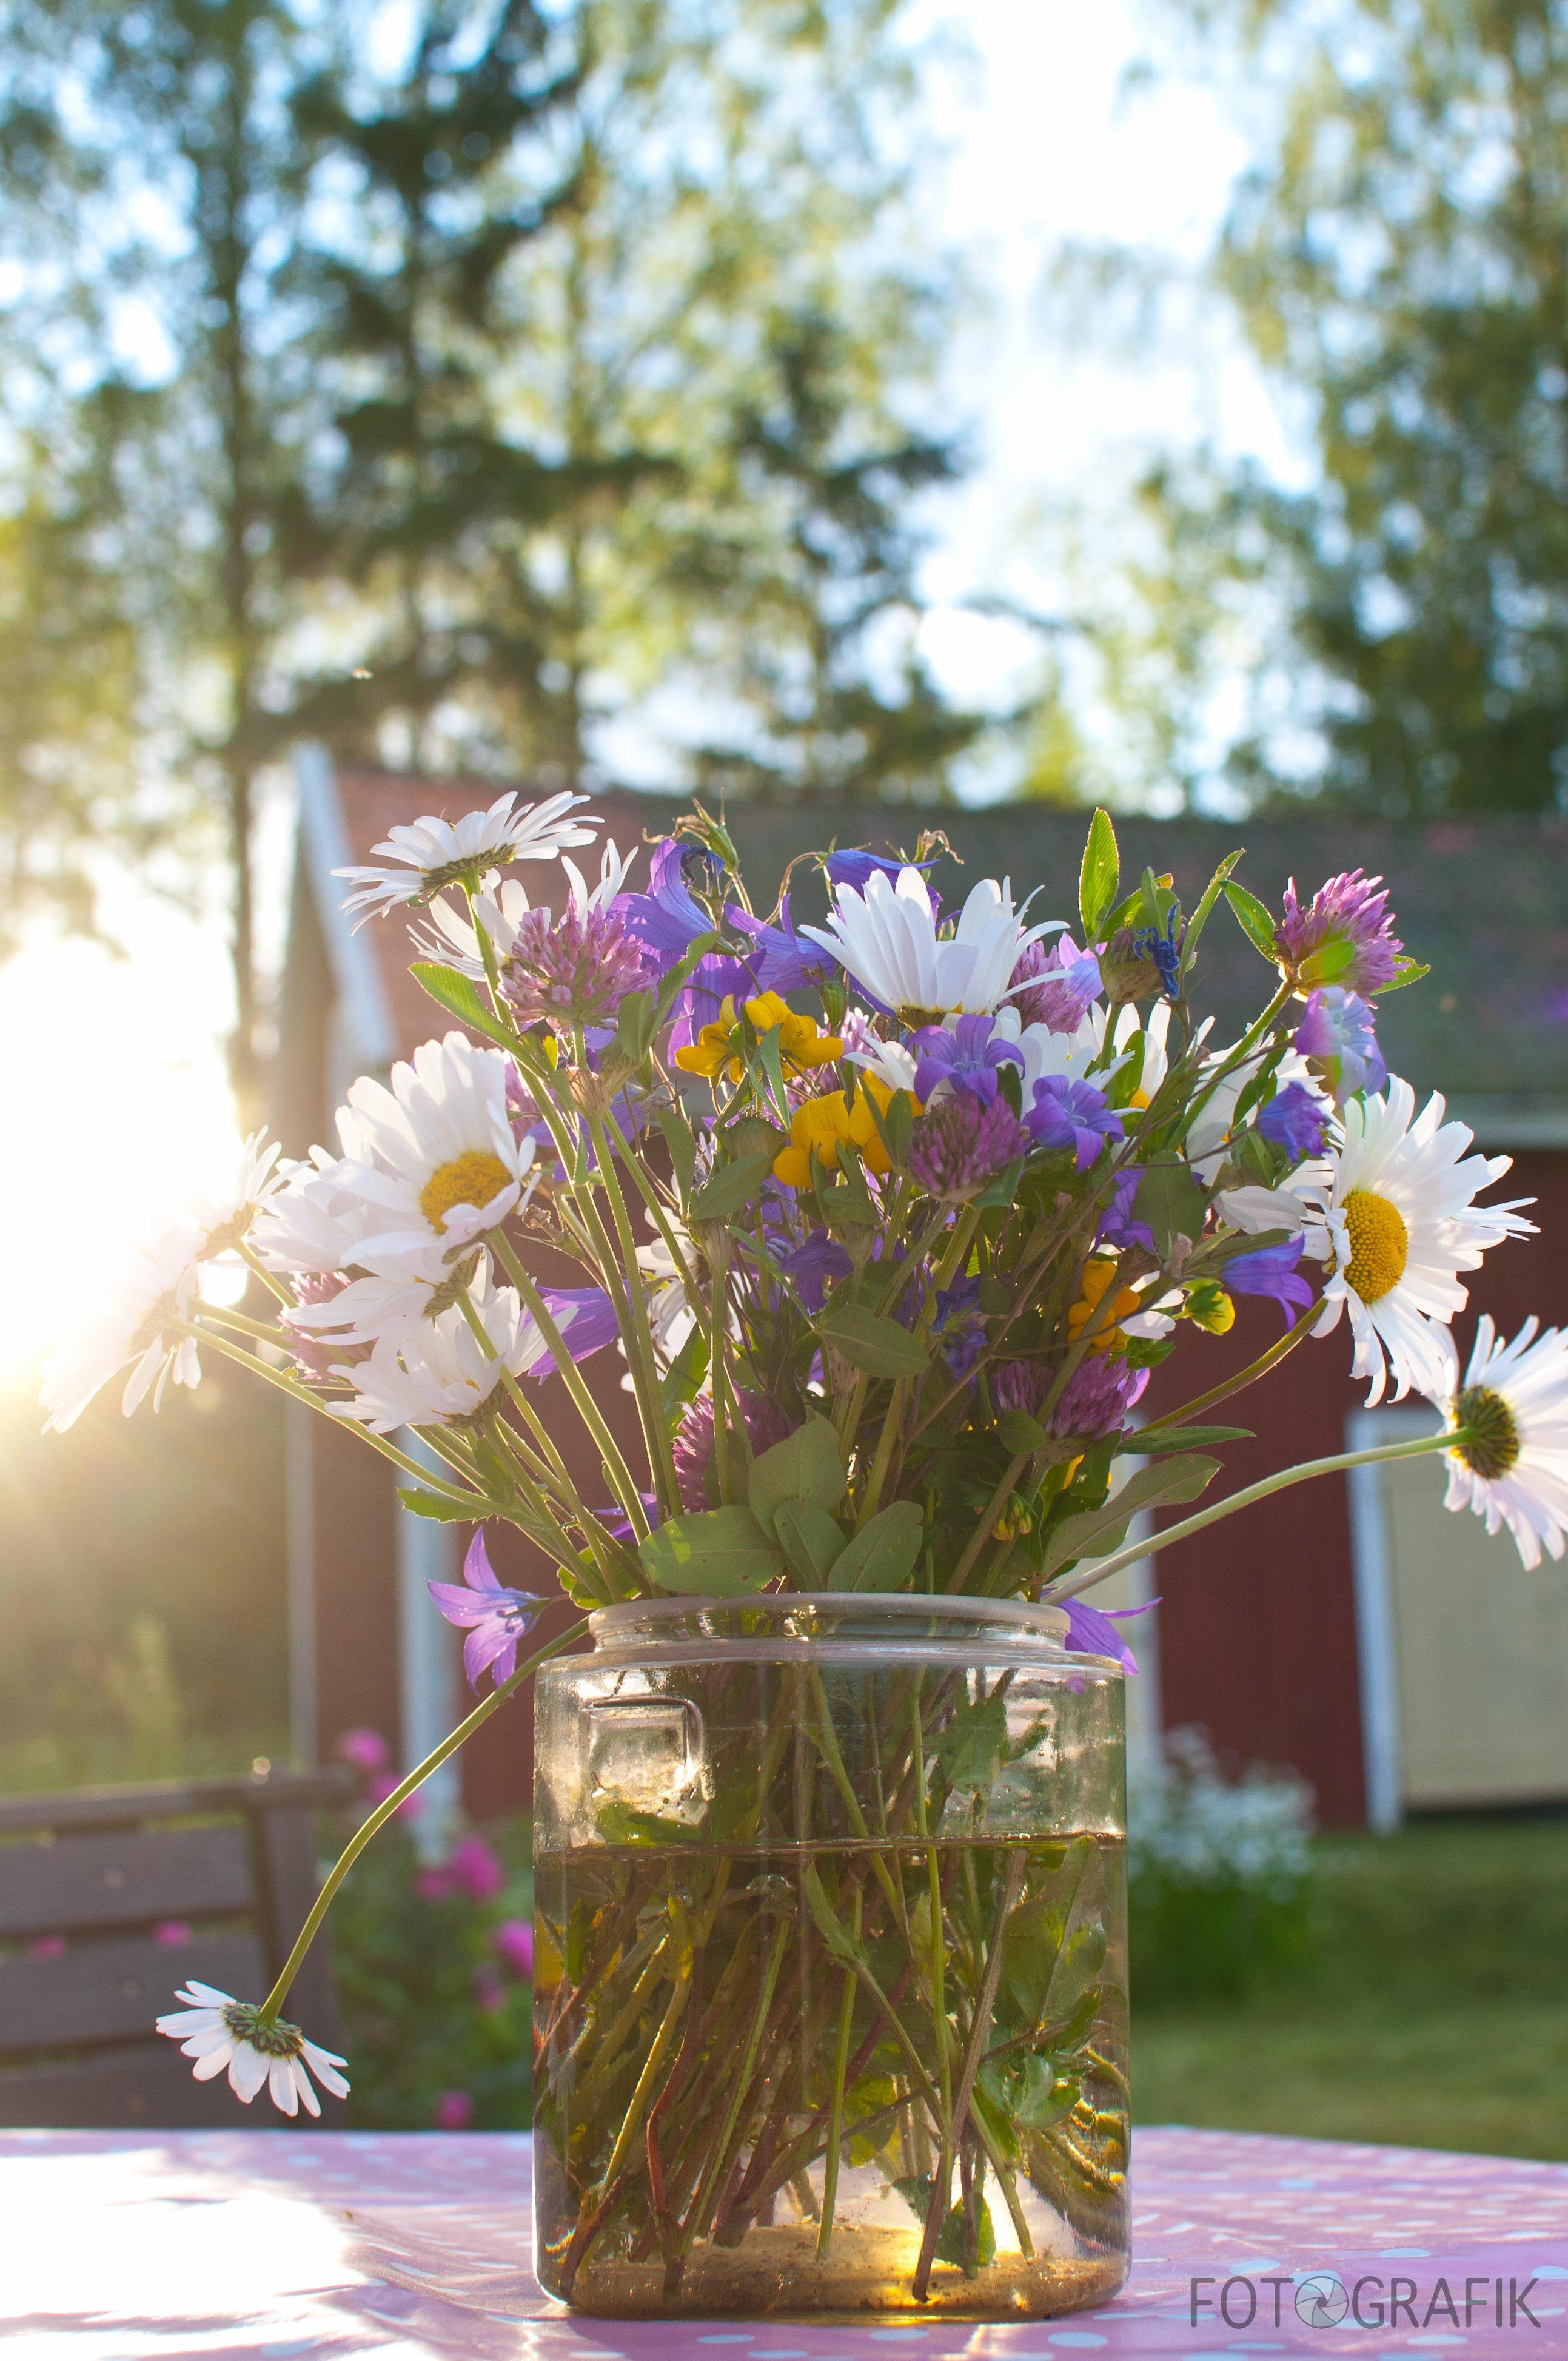 Swedish midsummer flowers